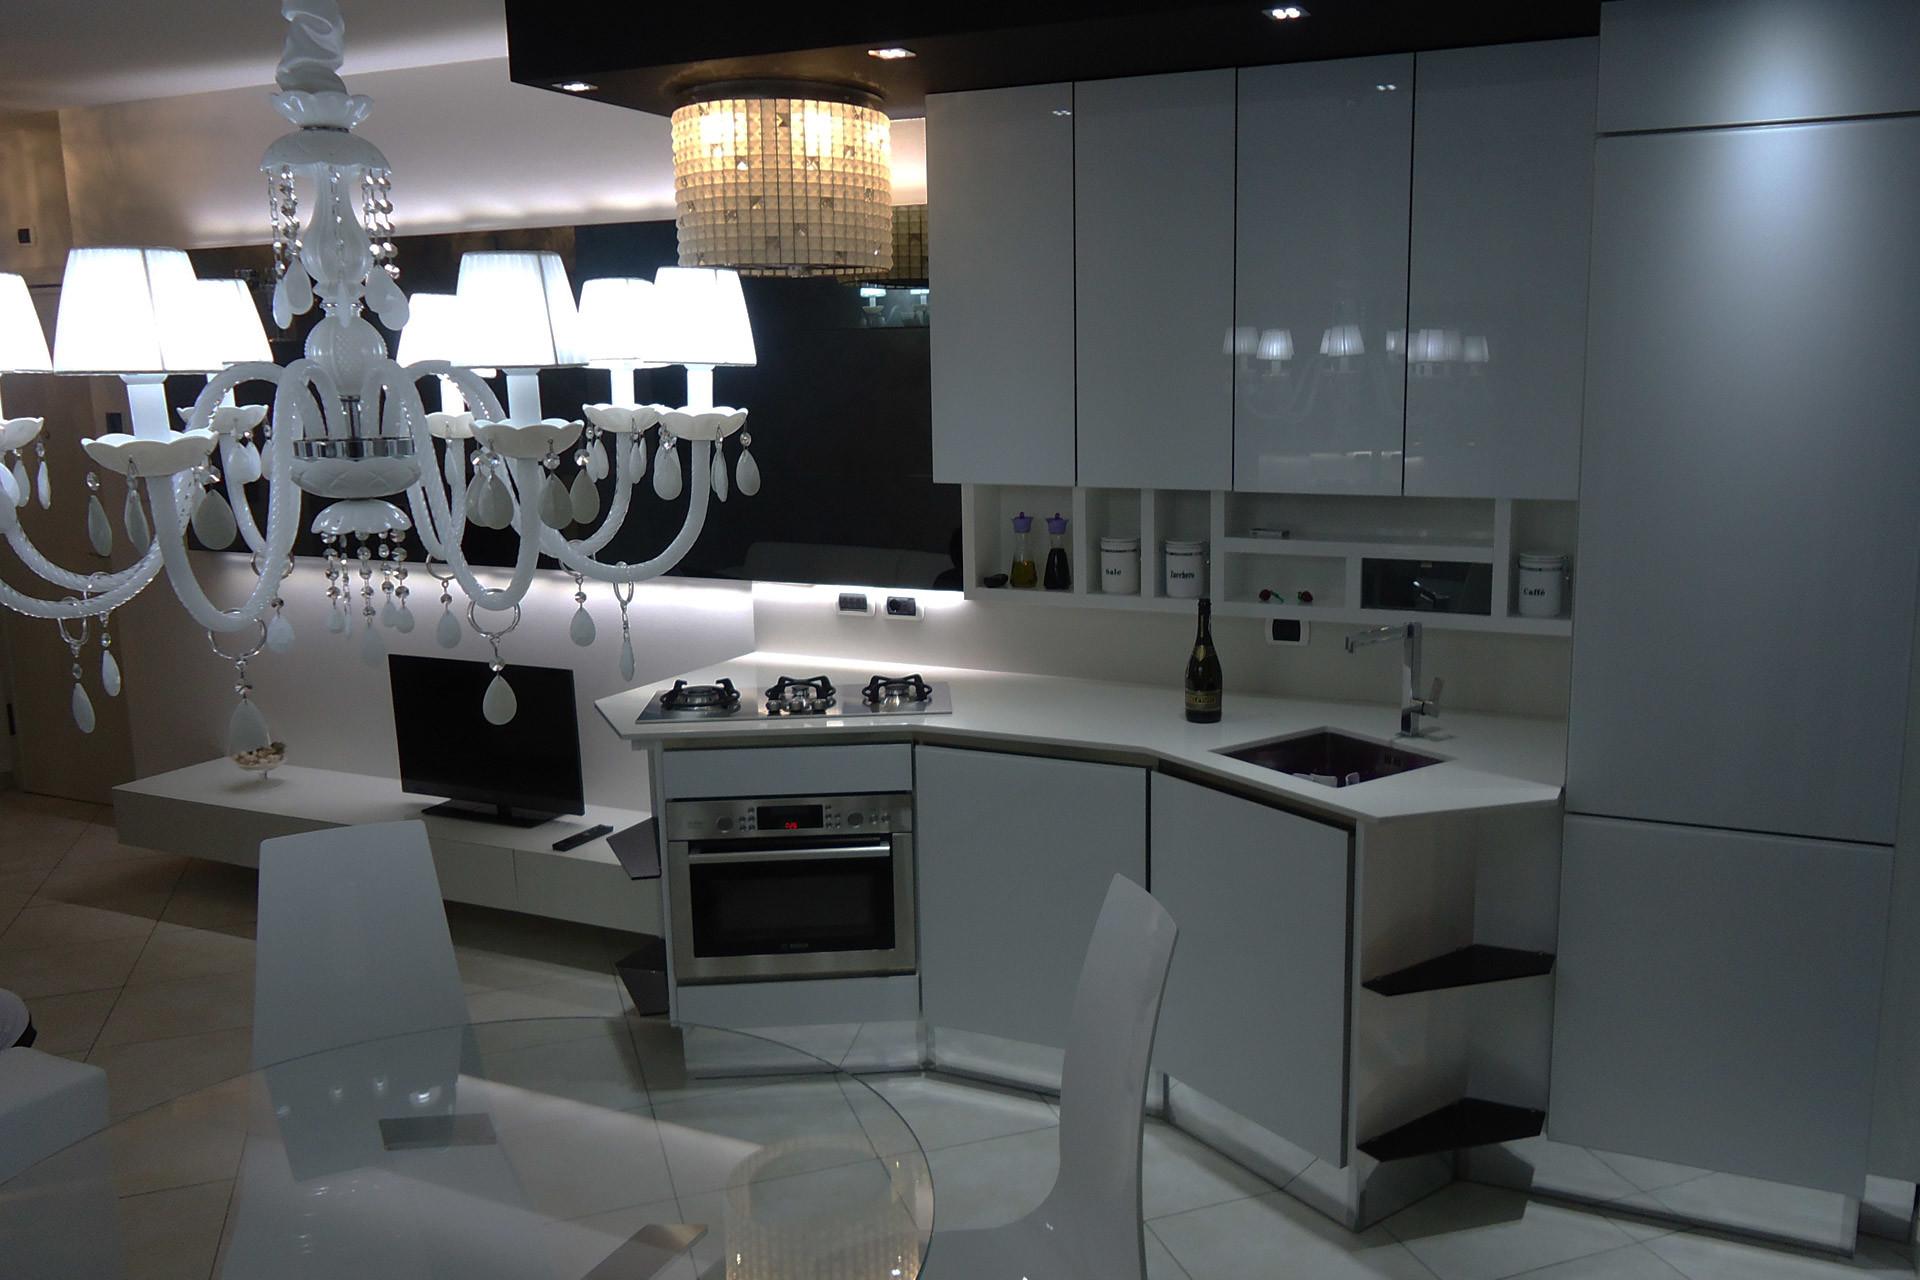 Architettura d 39 interni e arredamento limbiate for Arredamento architettura interni